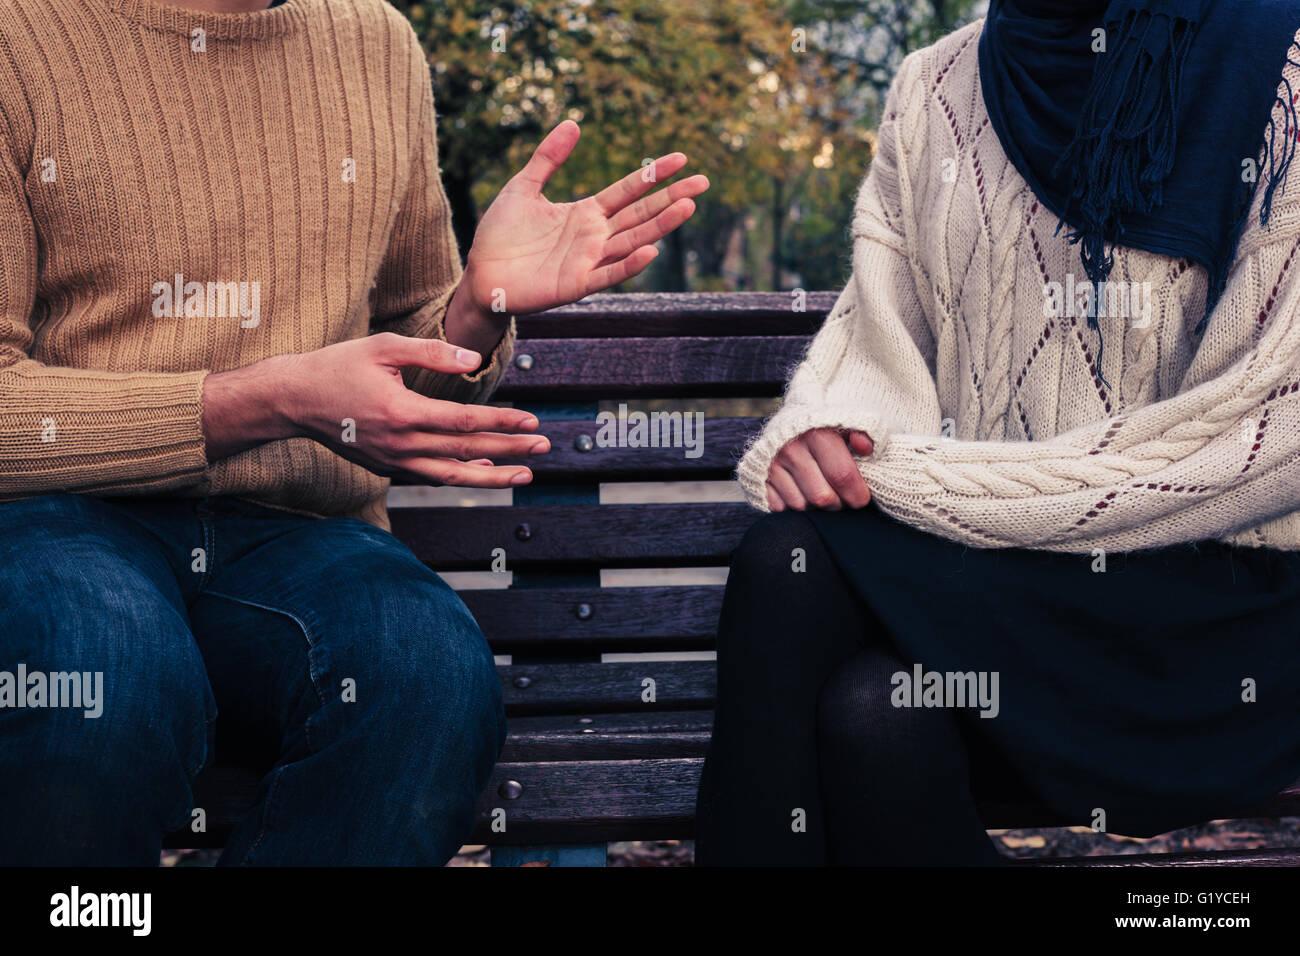 Un giovane uomo e donna sono seduti su una panchina nel parco e sostenendo Immagini Stock